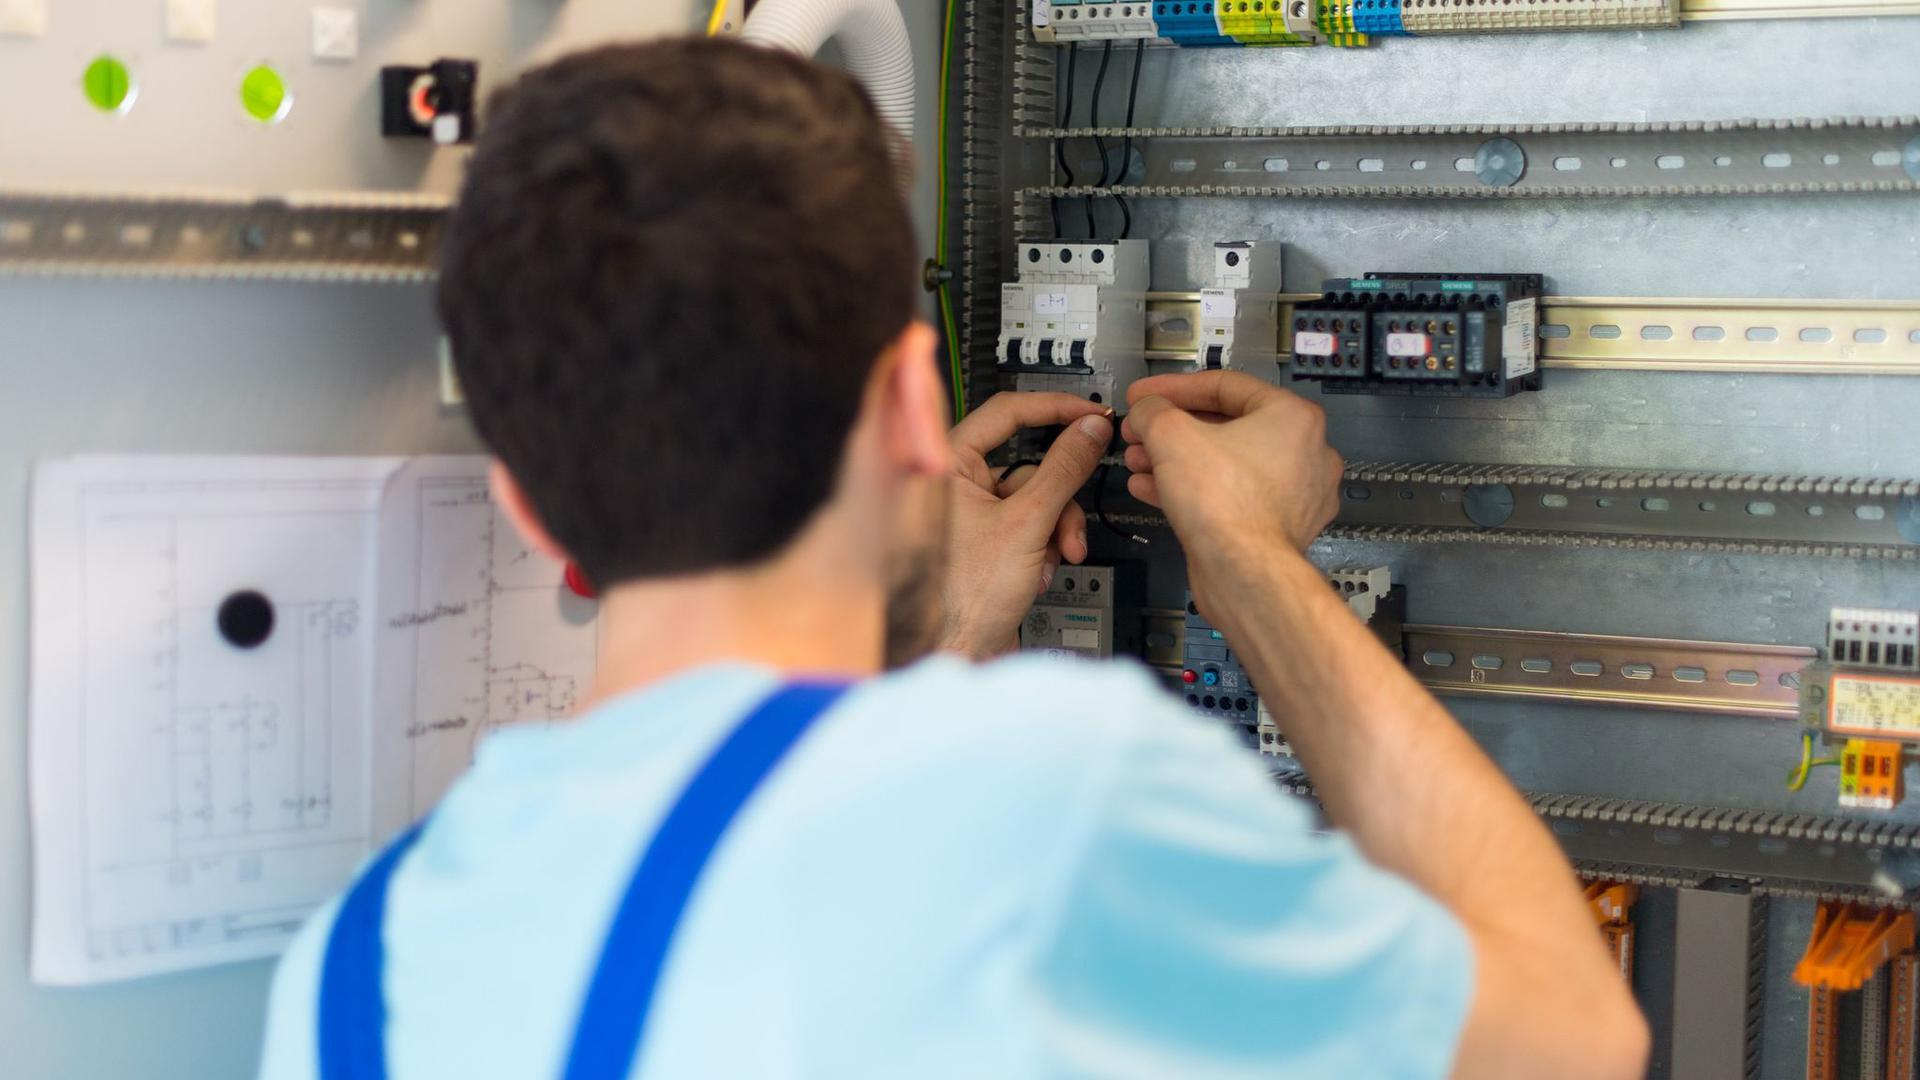 Der 19-jährige Mohammad aus Afghanistan arbeitet in einem Leipziger Ausbildungszentrum von Siemens an der Verdrahtung eines Schaltschranks.